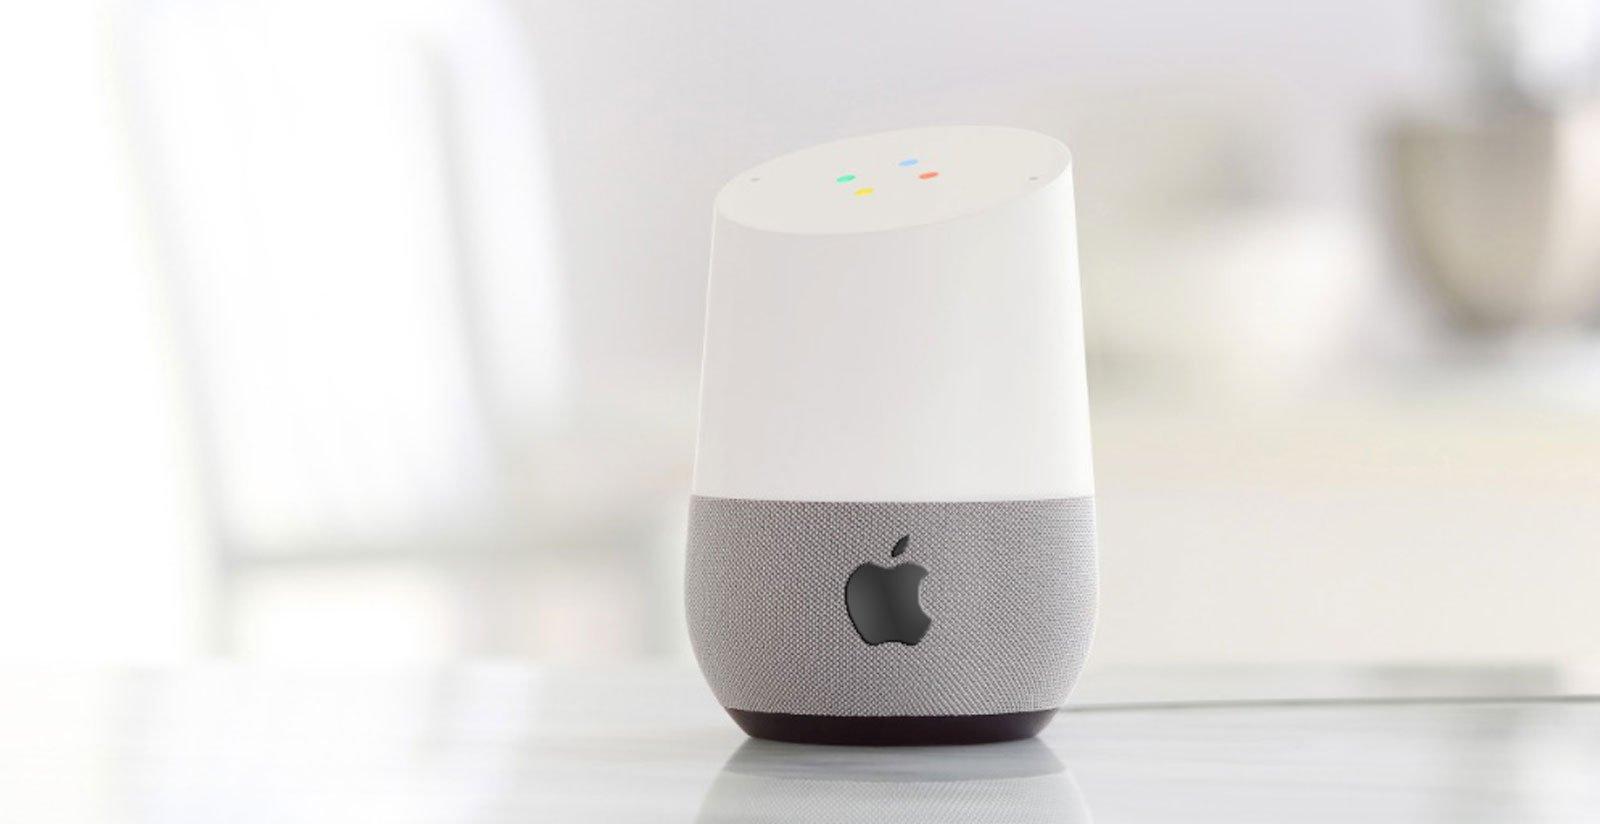 WWDC 17: Apple stellt Siri-Support für weiter Drittanbieter-Apps vor 7